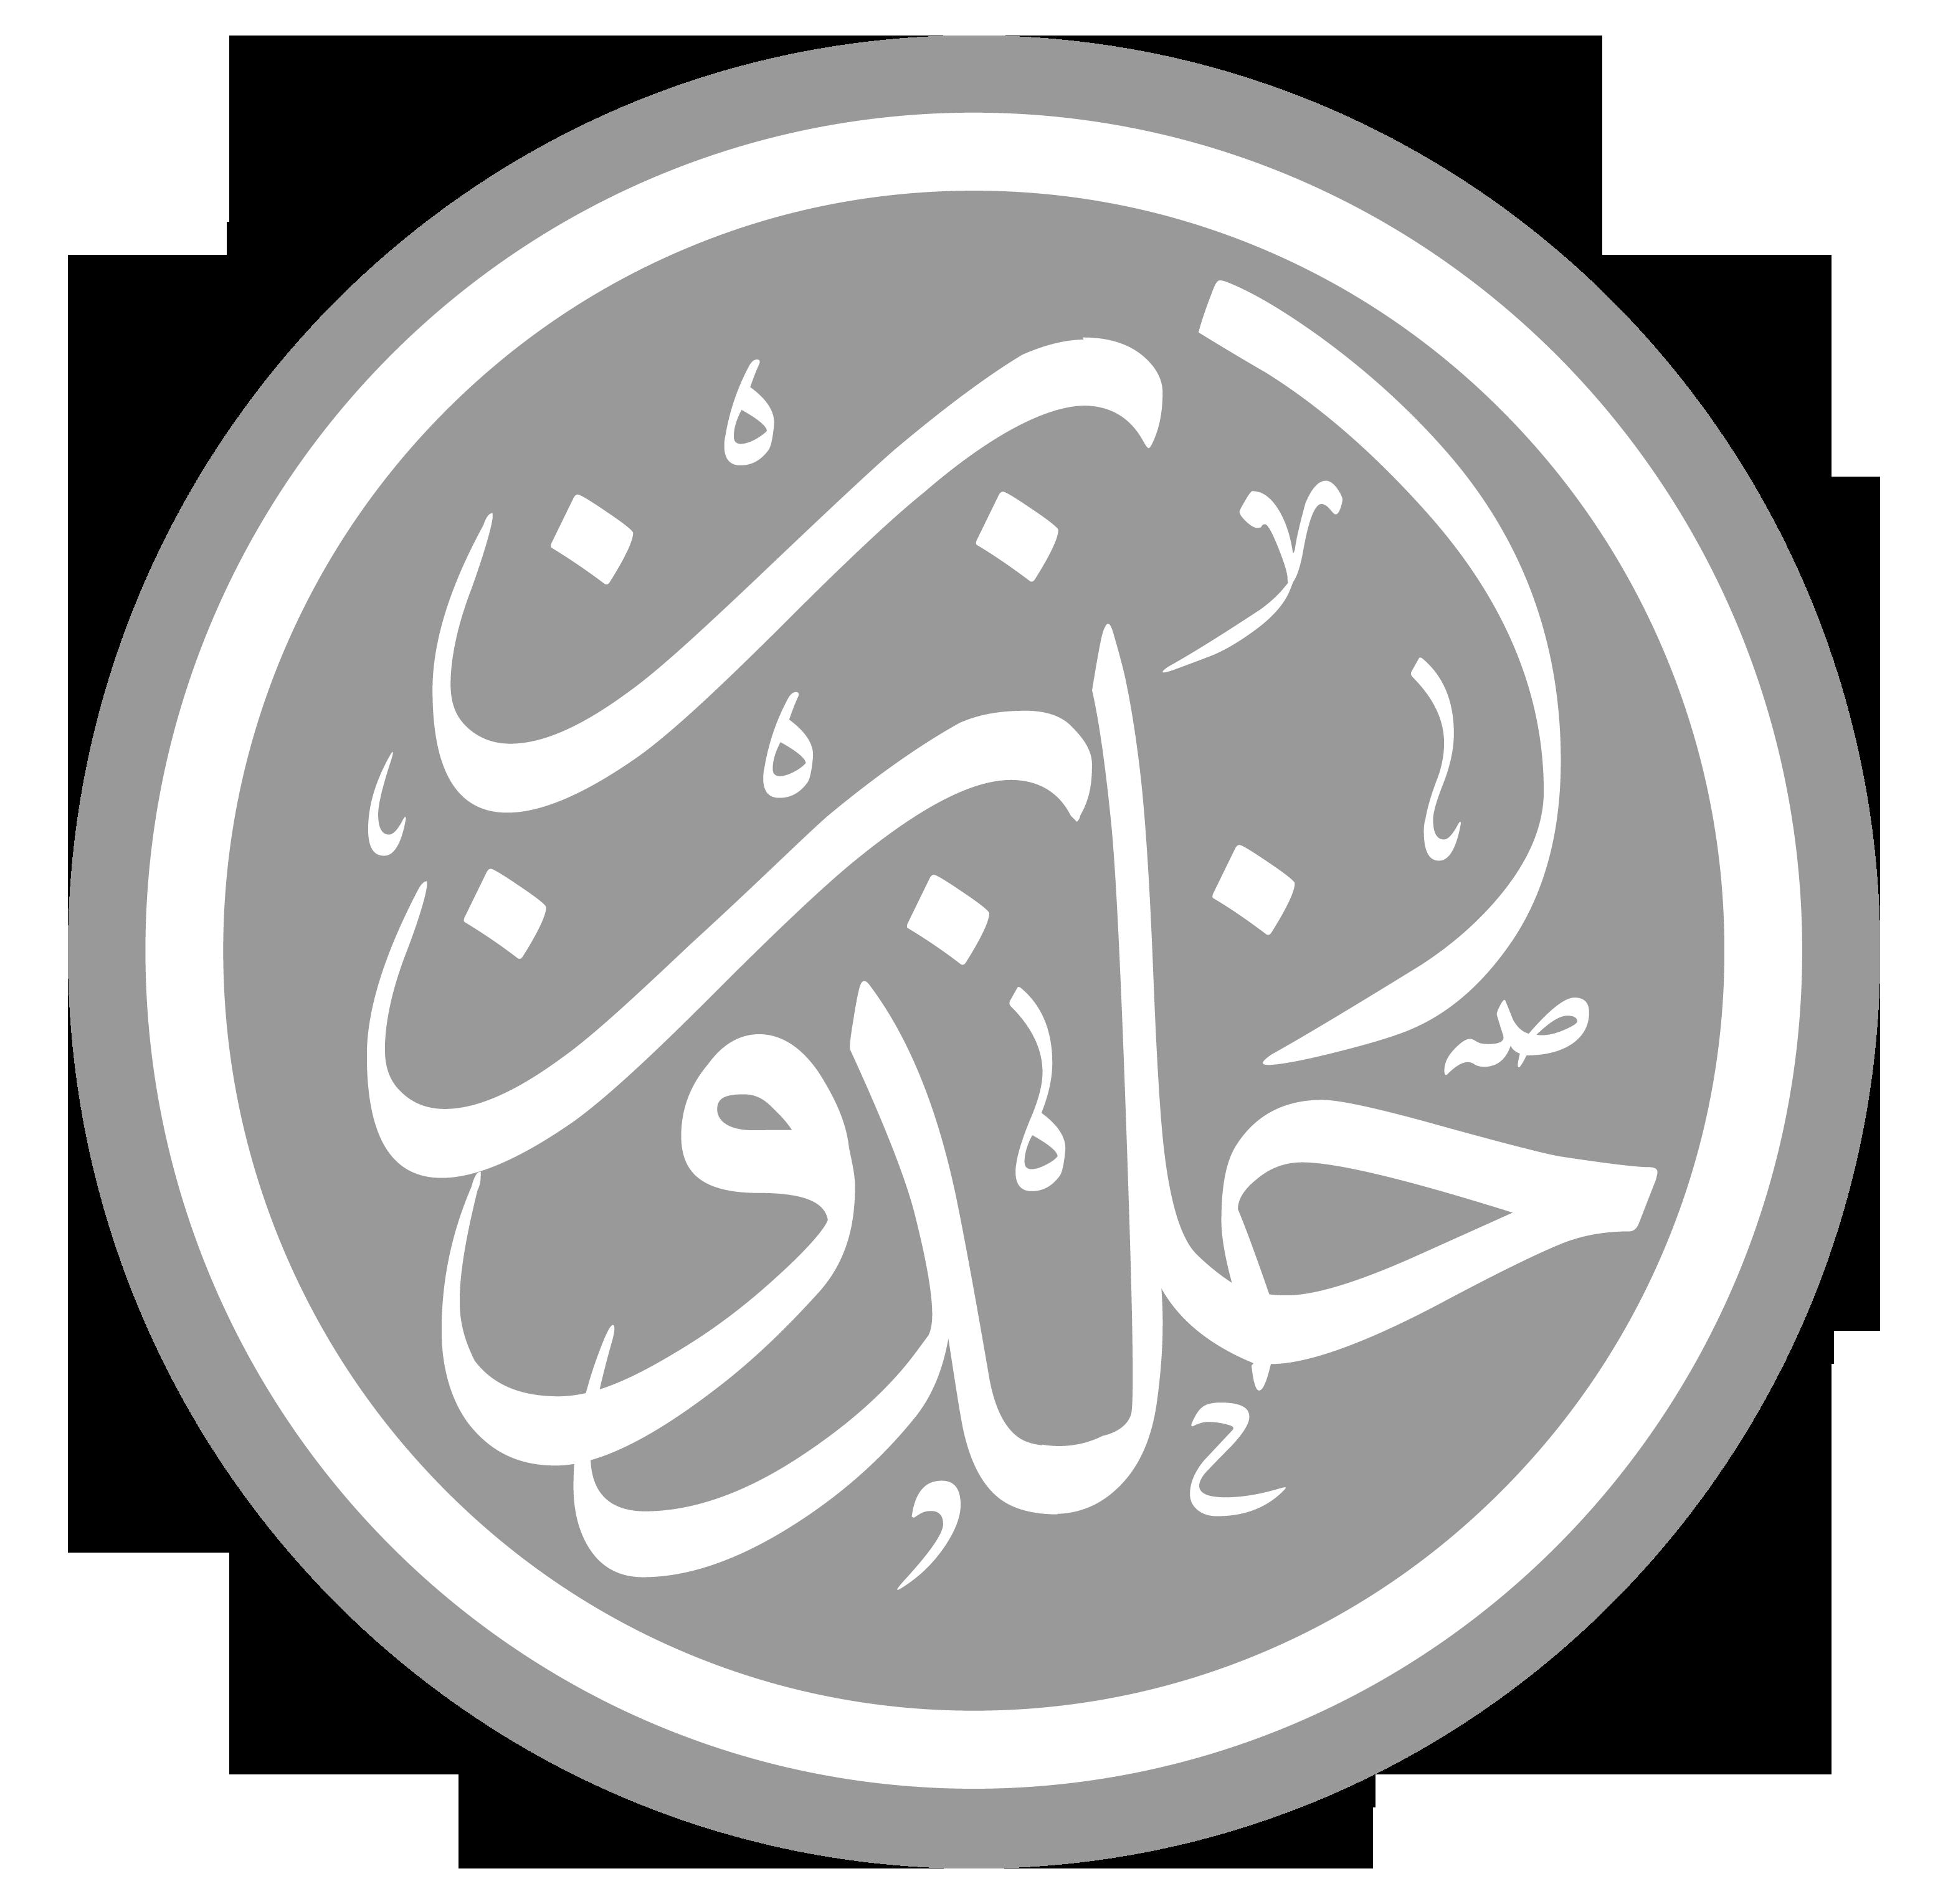 41766ce43 ابن خلدون - ويكيبيديا، الموسوعة الحرة